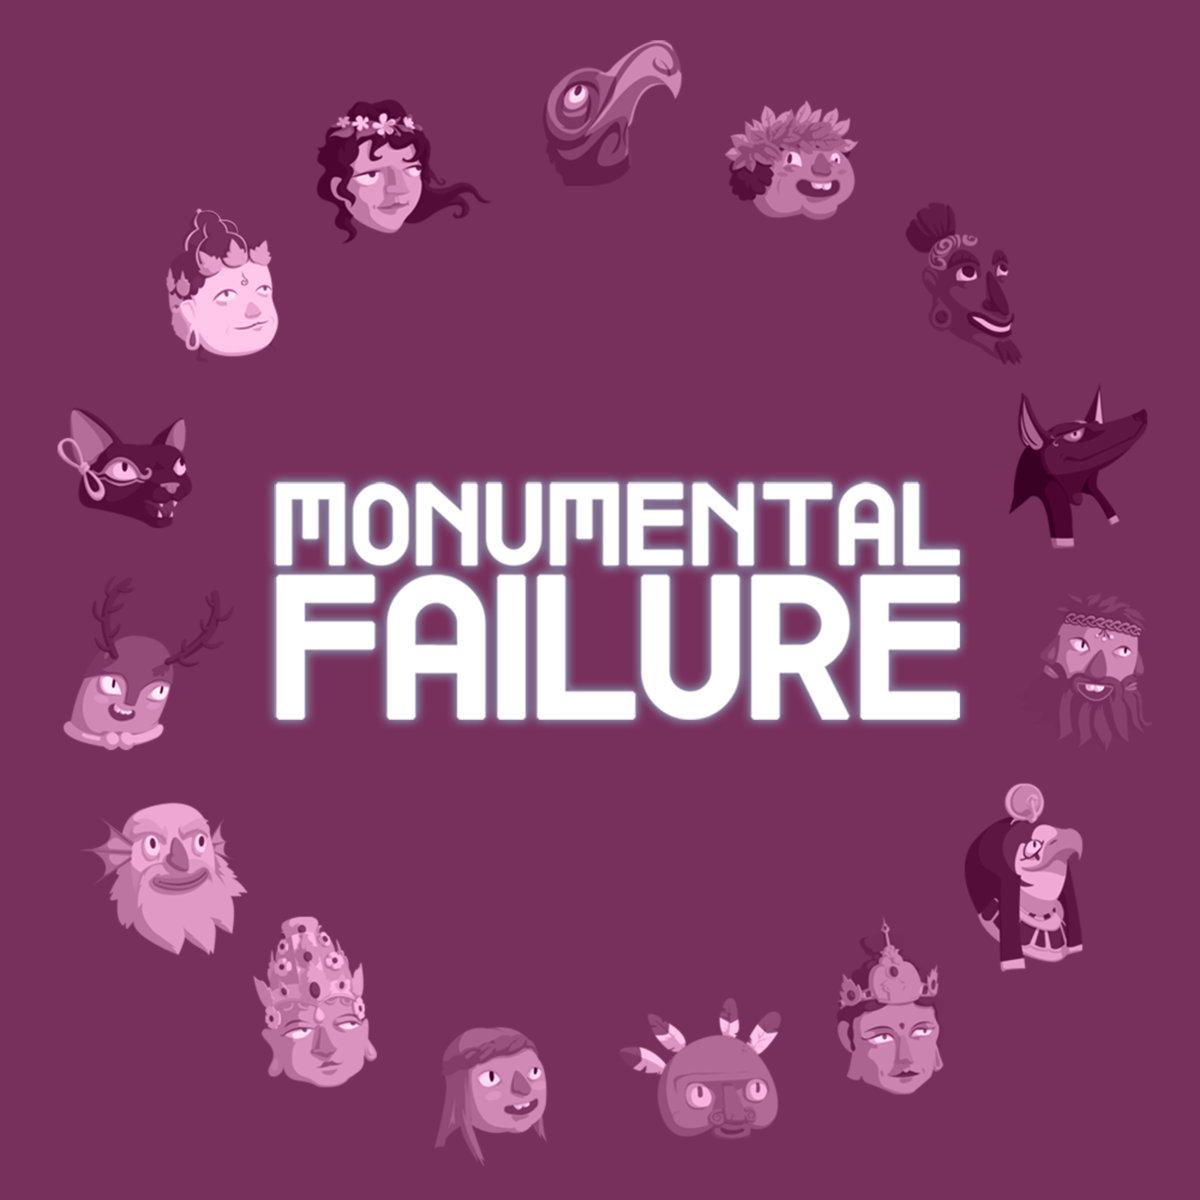 monumental_failure.jpg